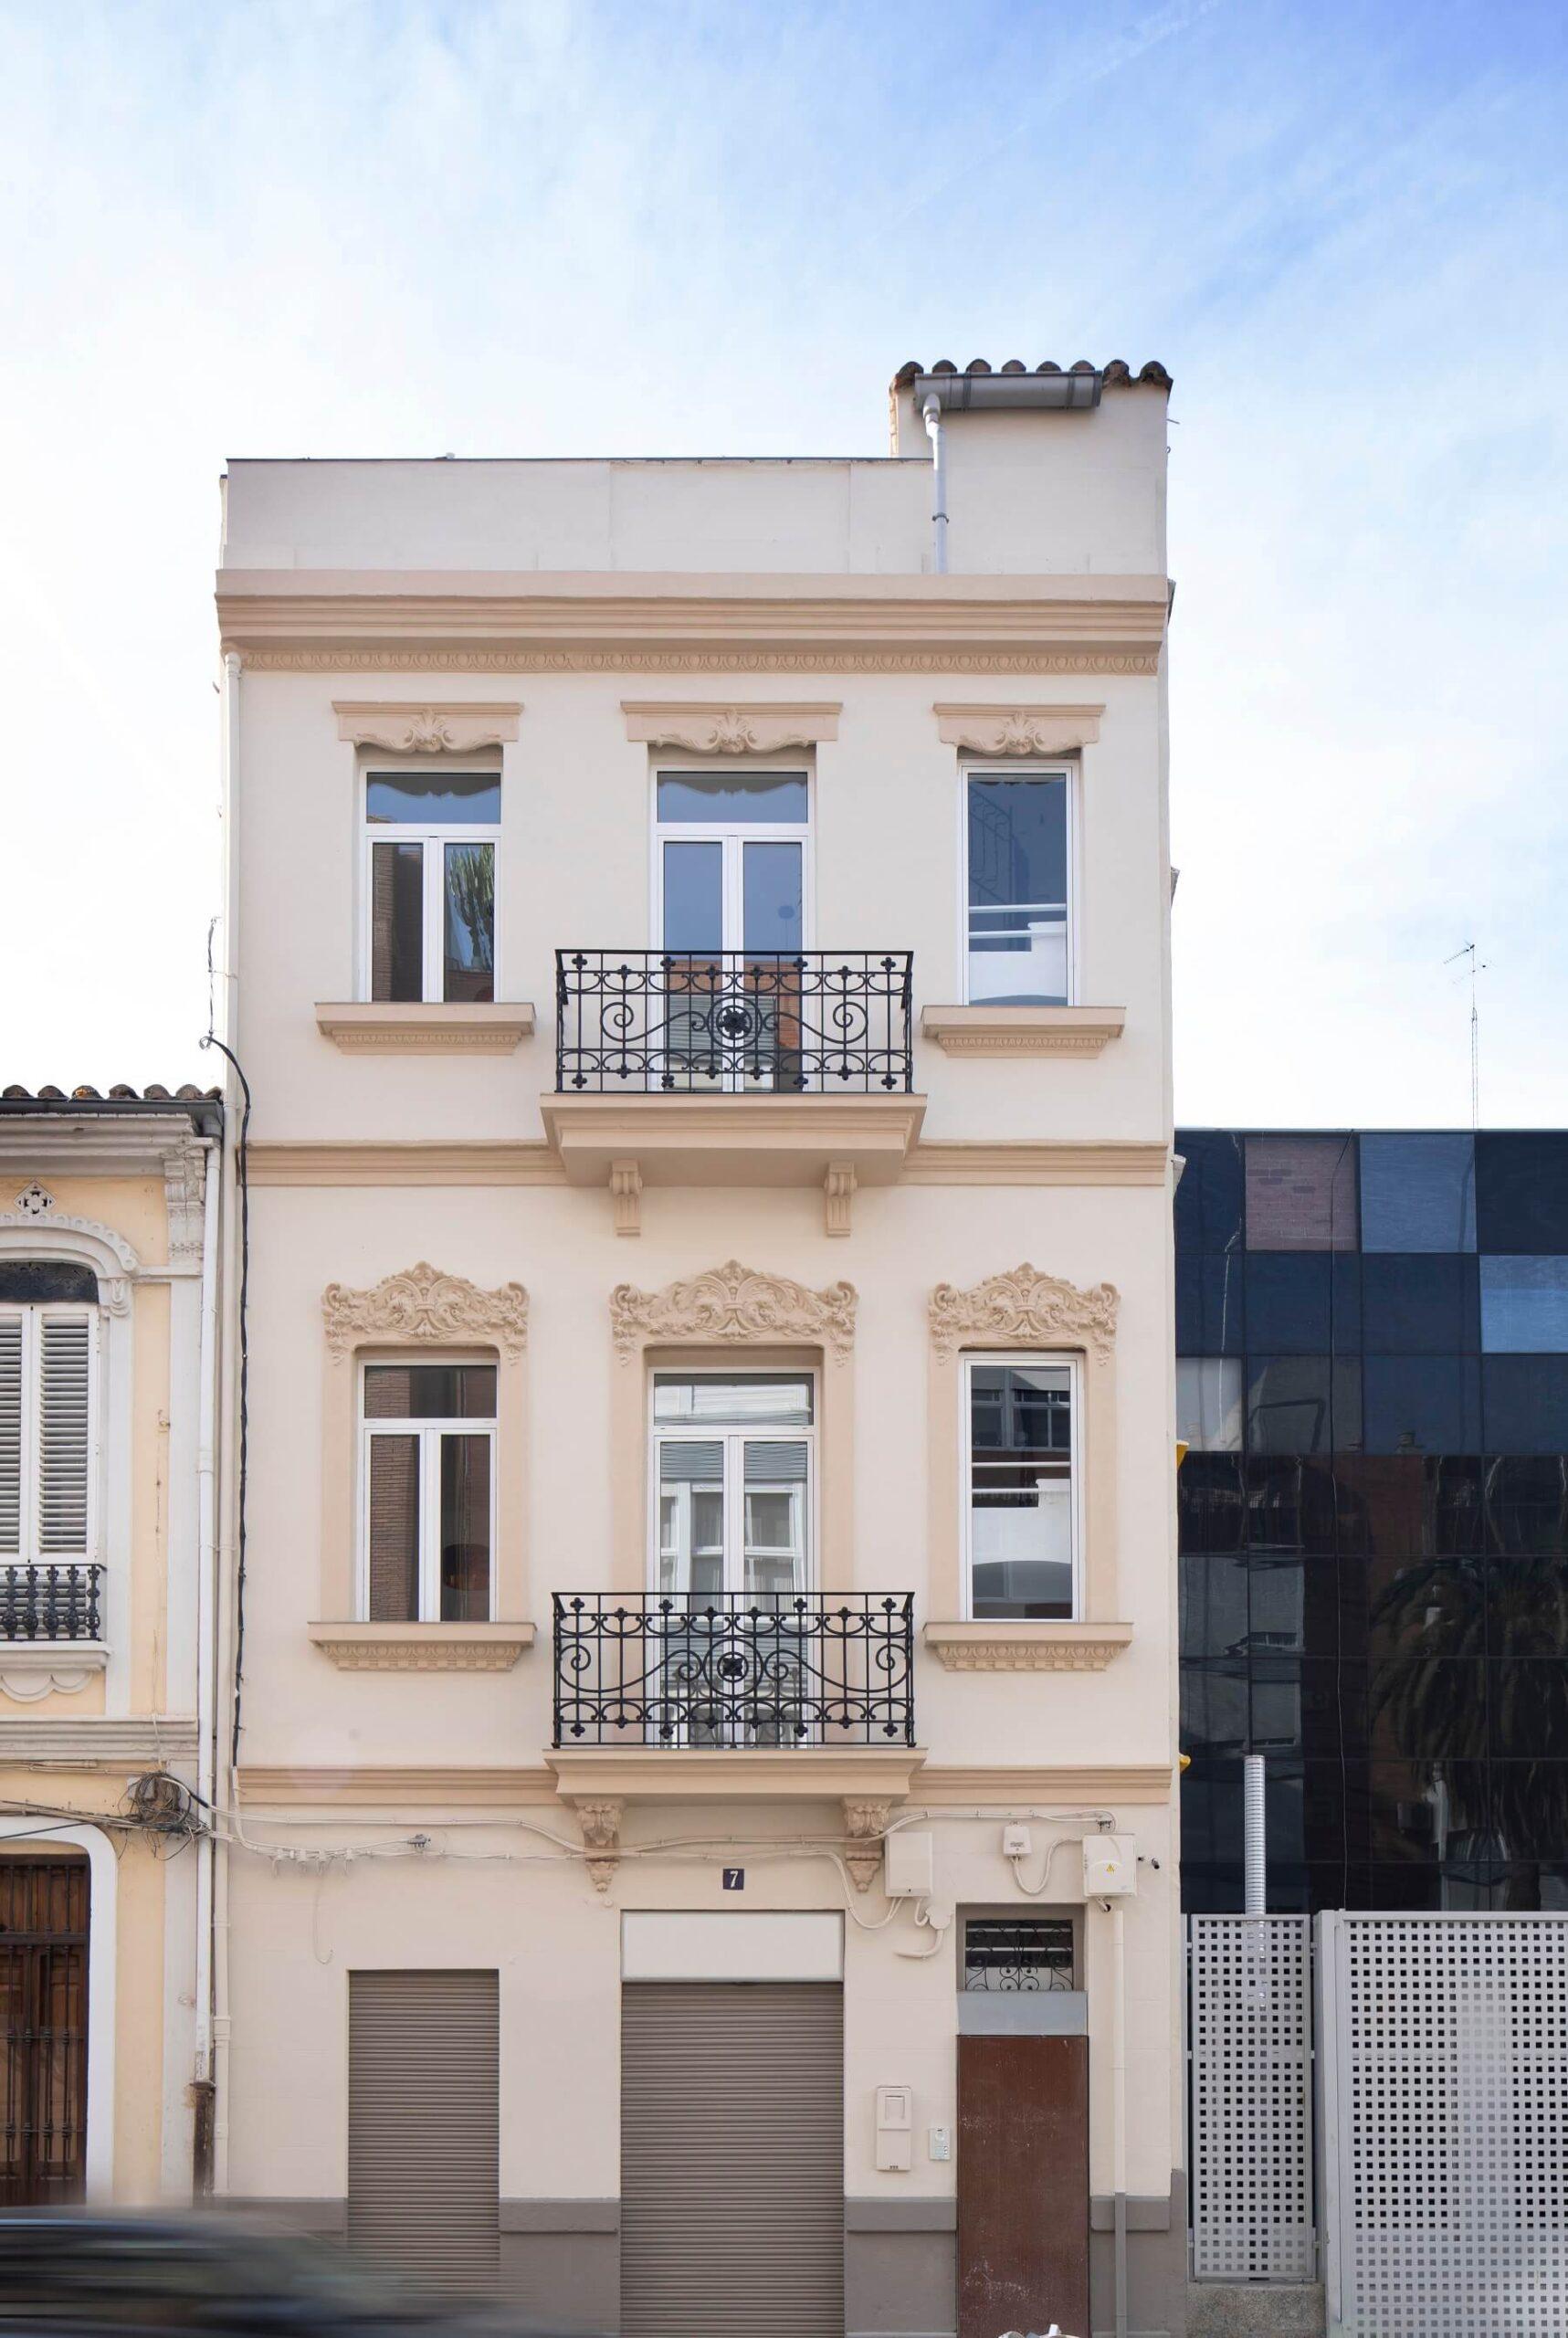 h2 w2 Fachada rehabilitada del edificio los leones en Valencia